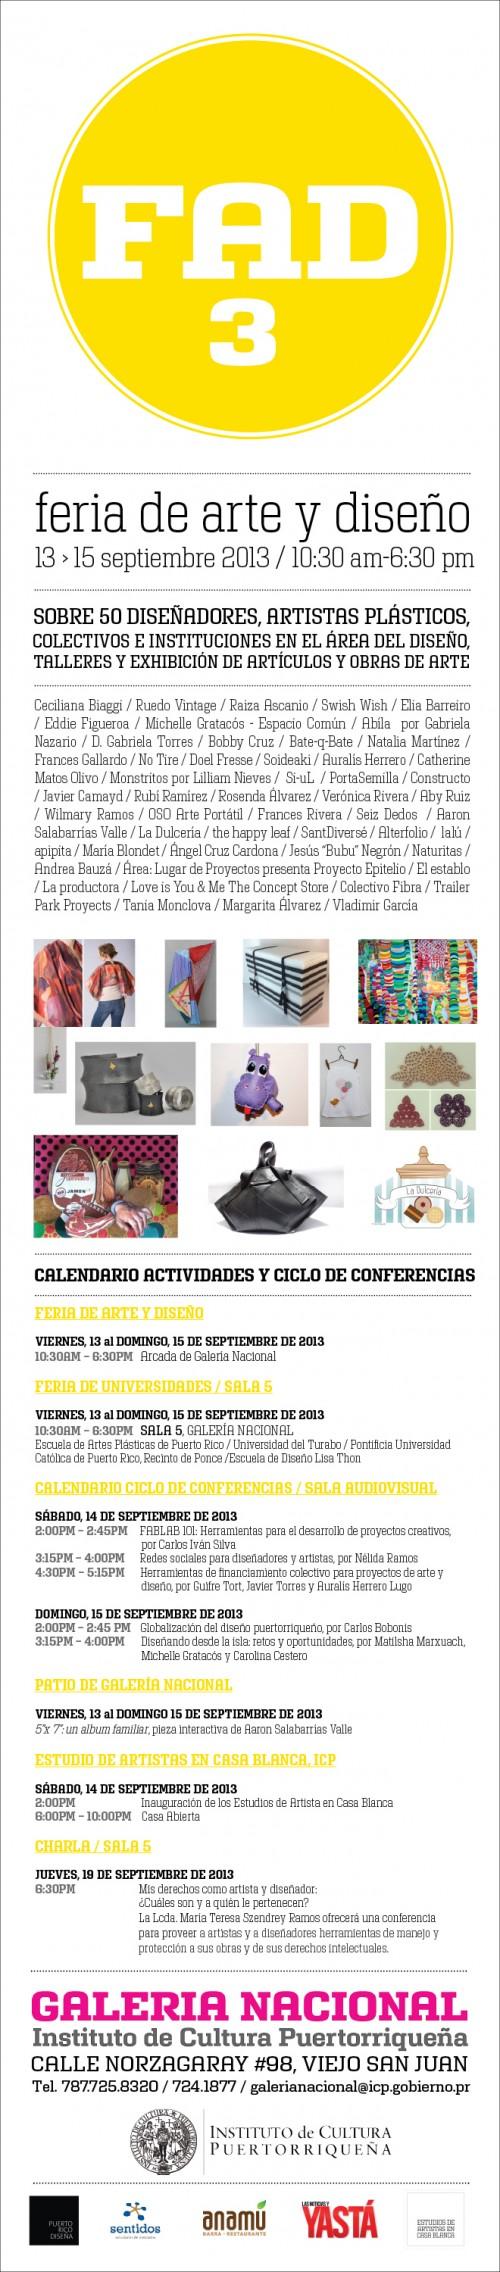 arquillano FAD 3: Feria de Arte y Diseño